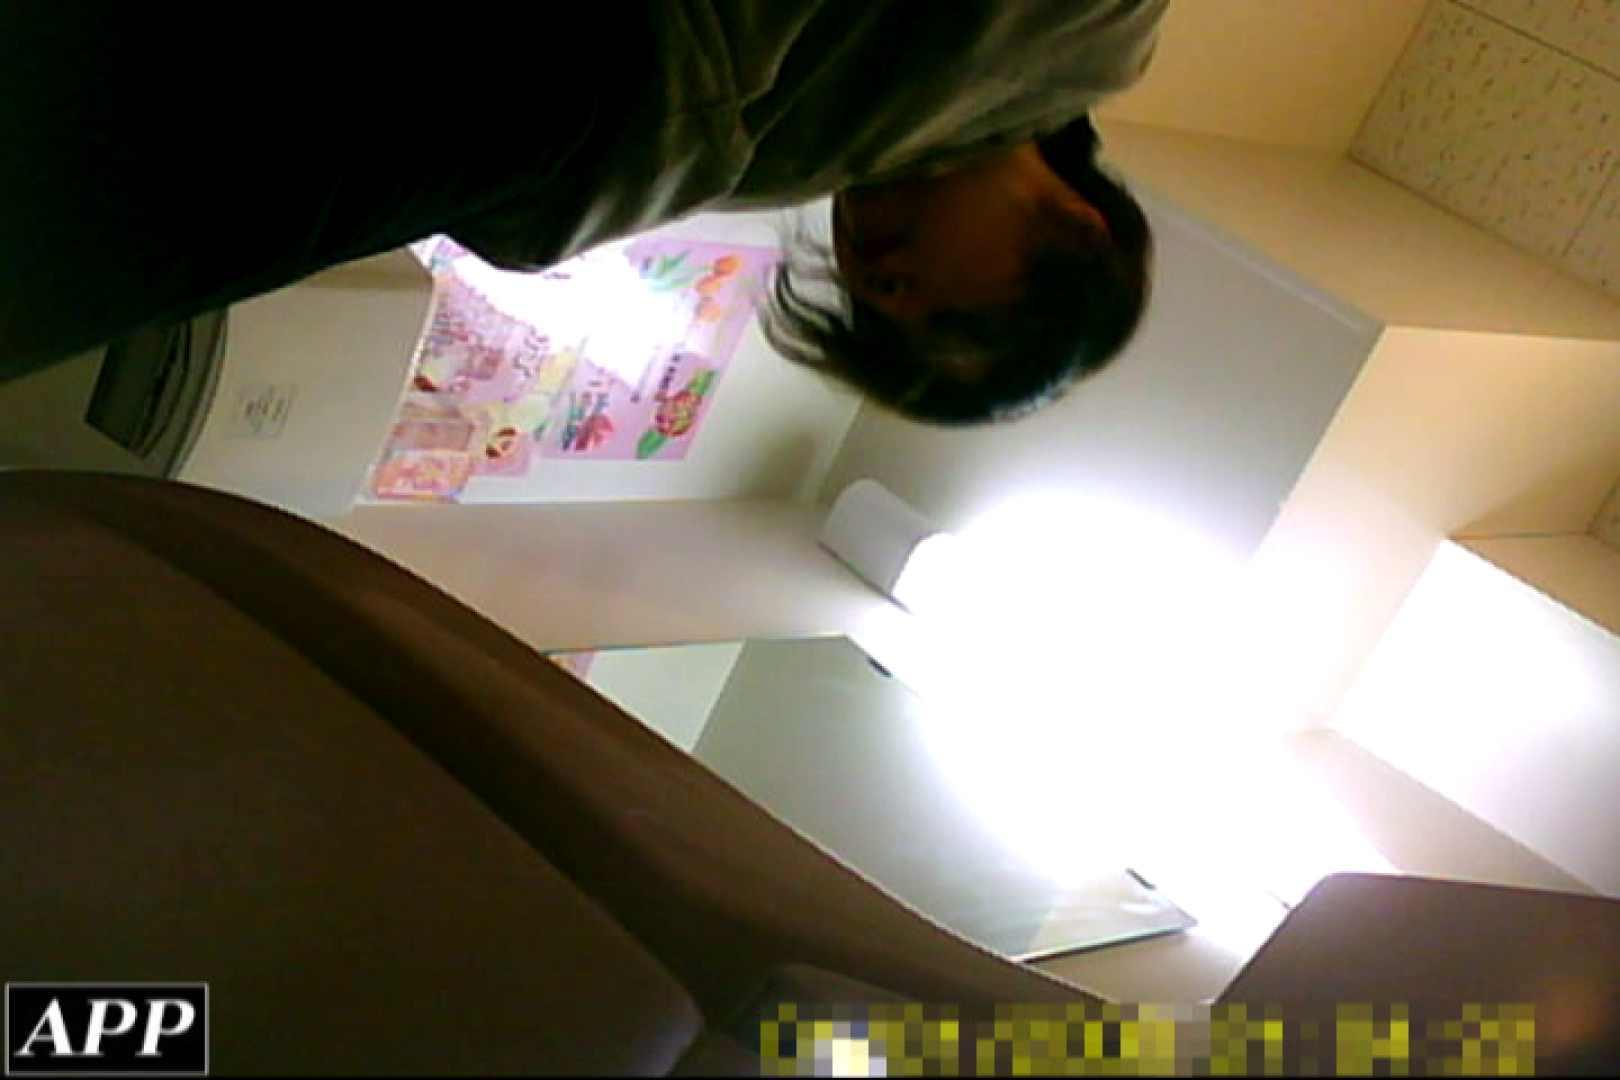 3視点洗面所 vol.106 無料オマンコ 隠し撮りオマンコ動画紹介 76PICs 46